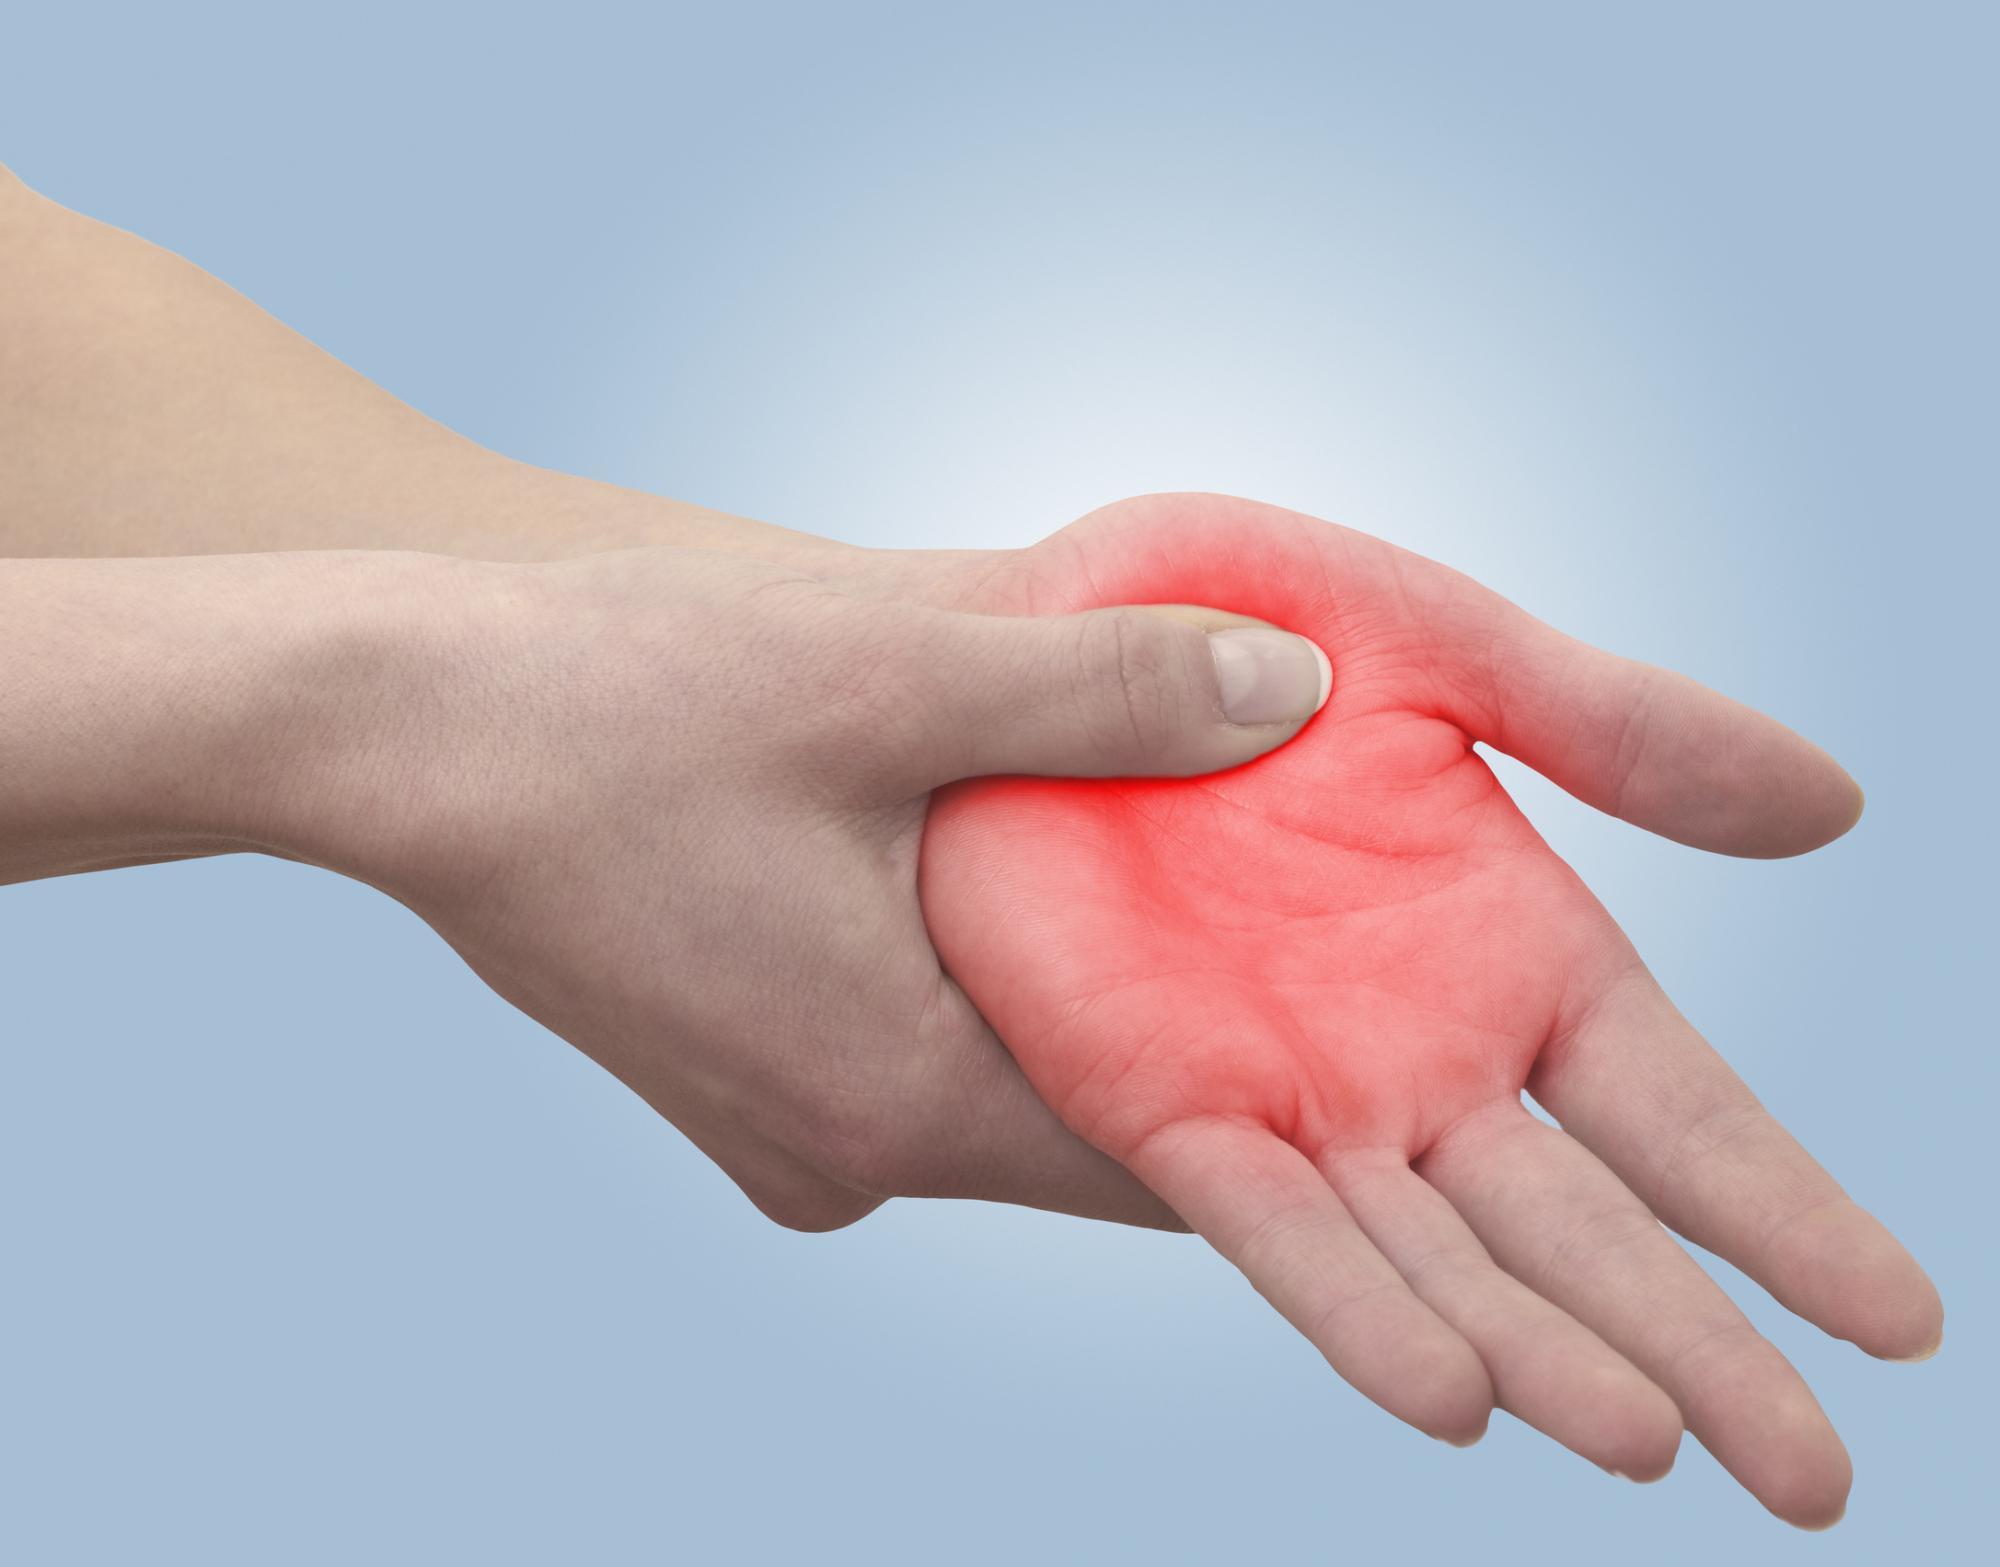 Arthrite goutteuse : Savez-vous ce qu'est la maladie dite de la goutte ?